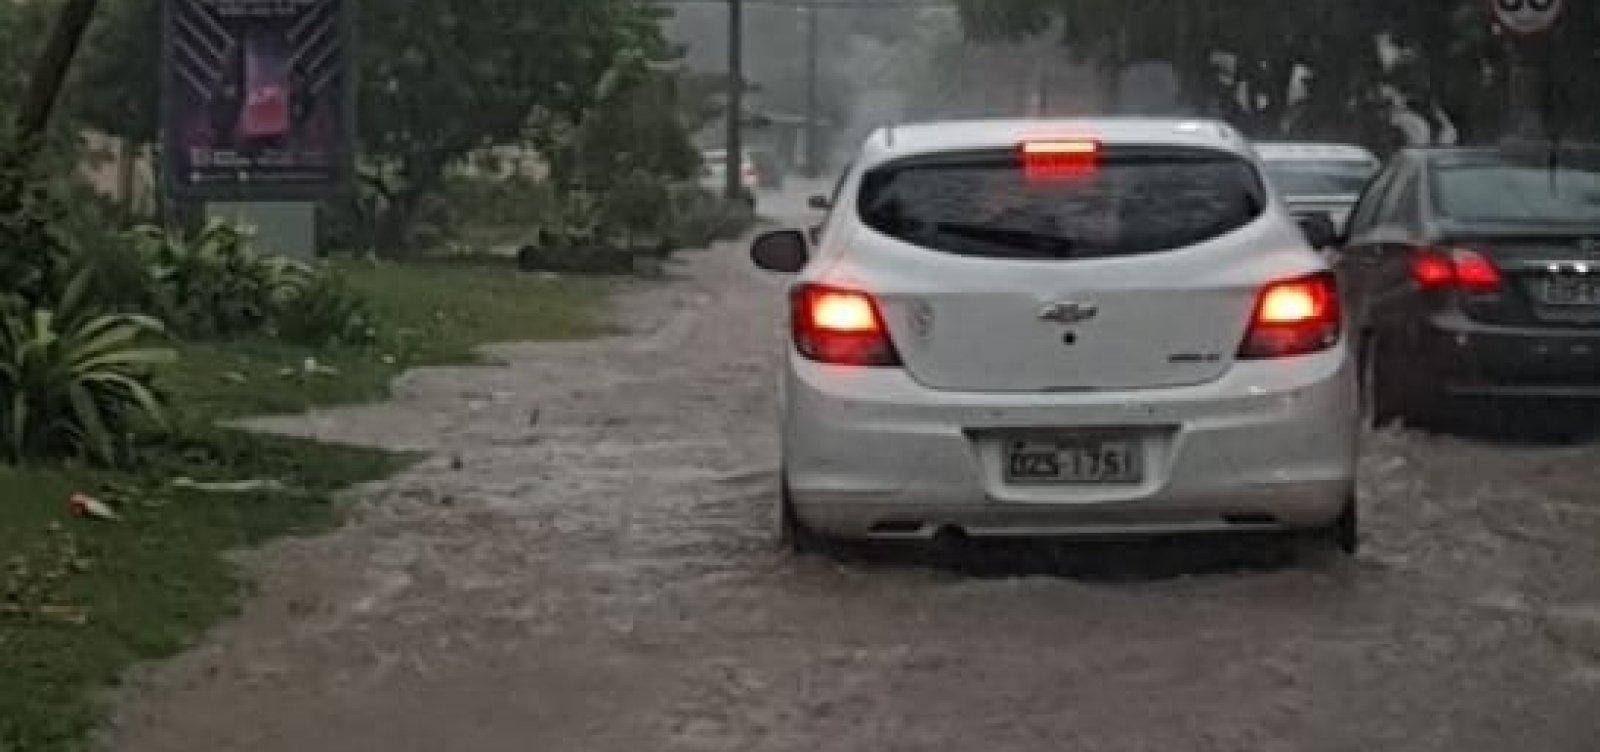 Vídeo: chuva causa alagamento no Costa Azul